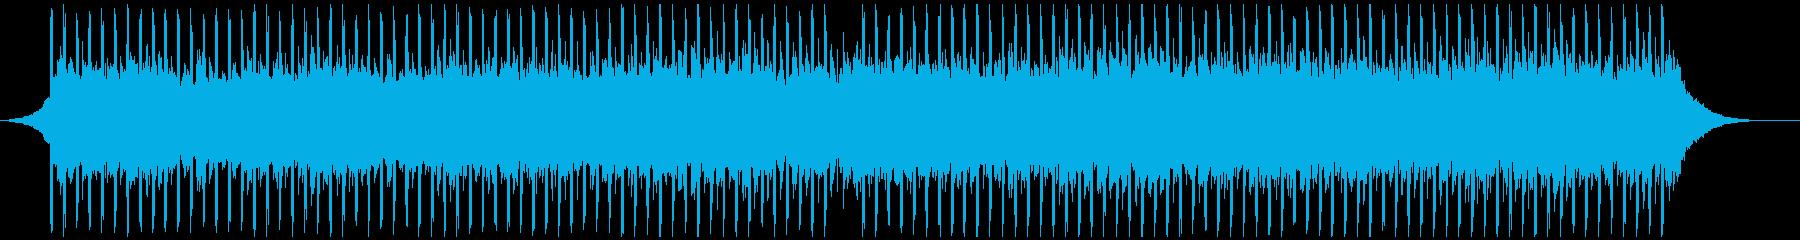 アップビートコーポレート(60秒)の再生済みの波形